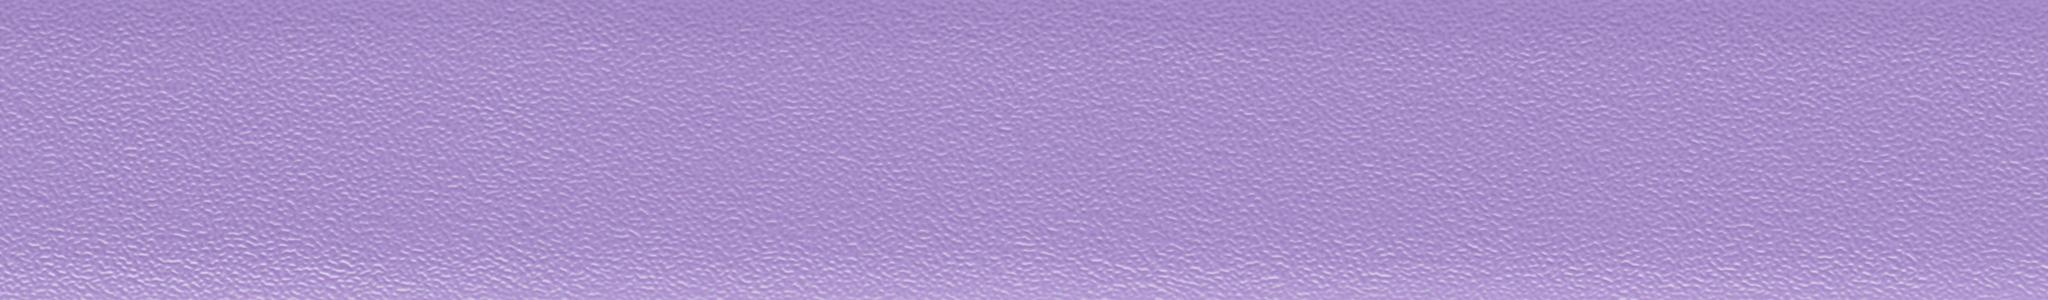 HU 153115 ABS hrana fialová perla 101